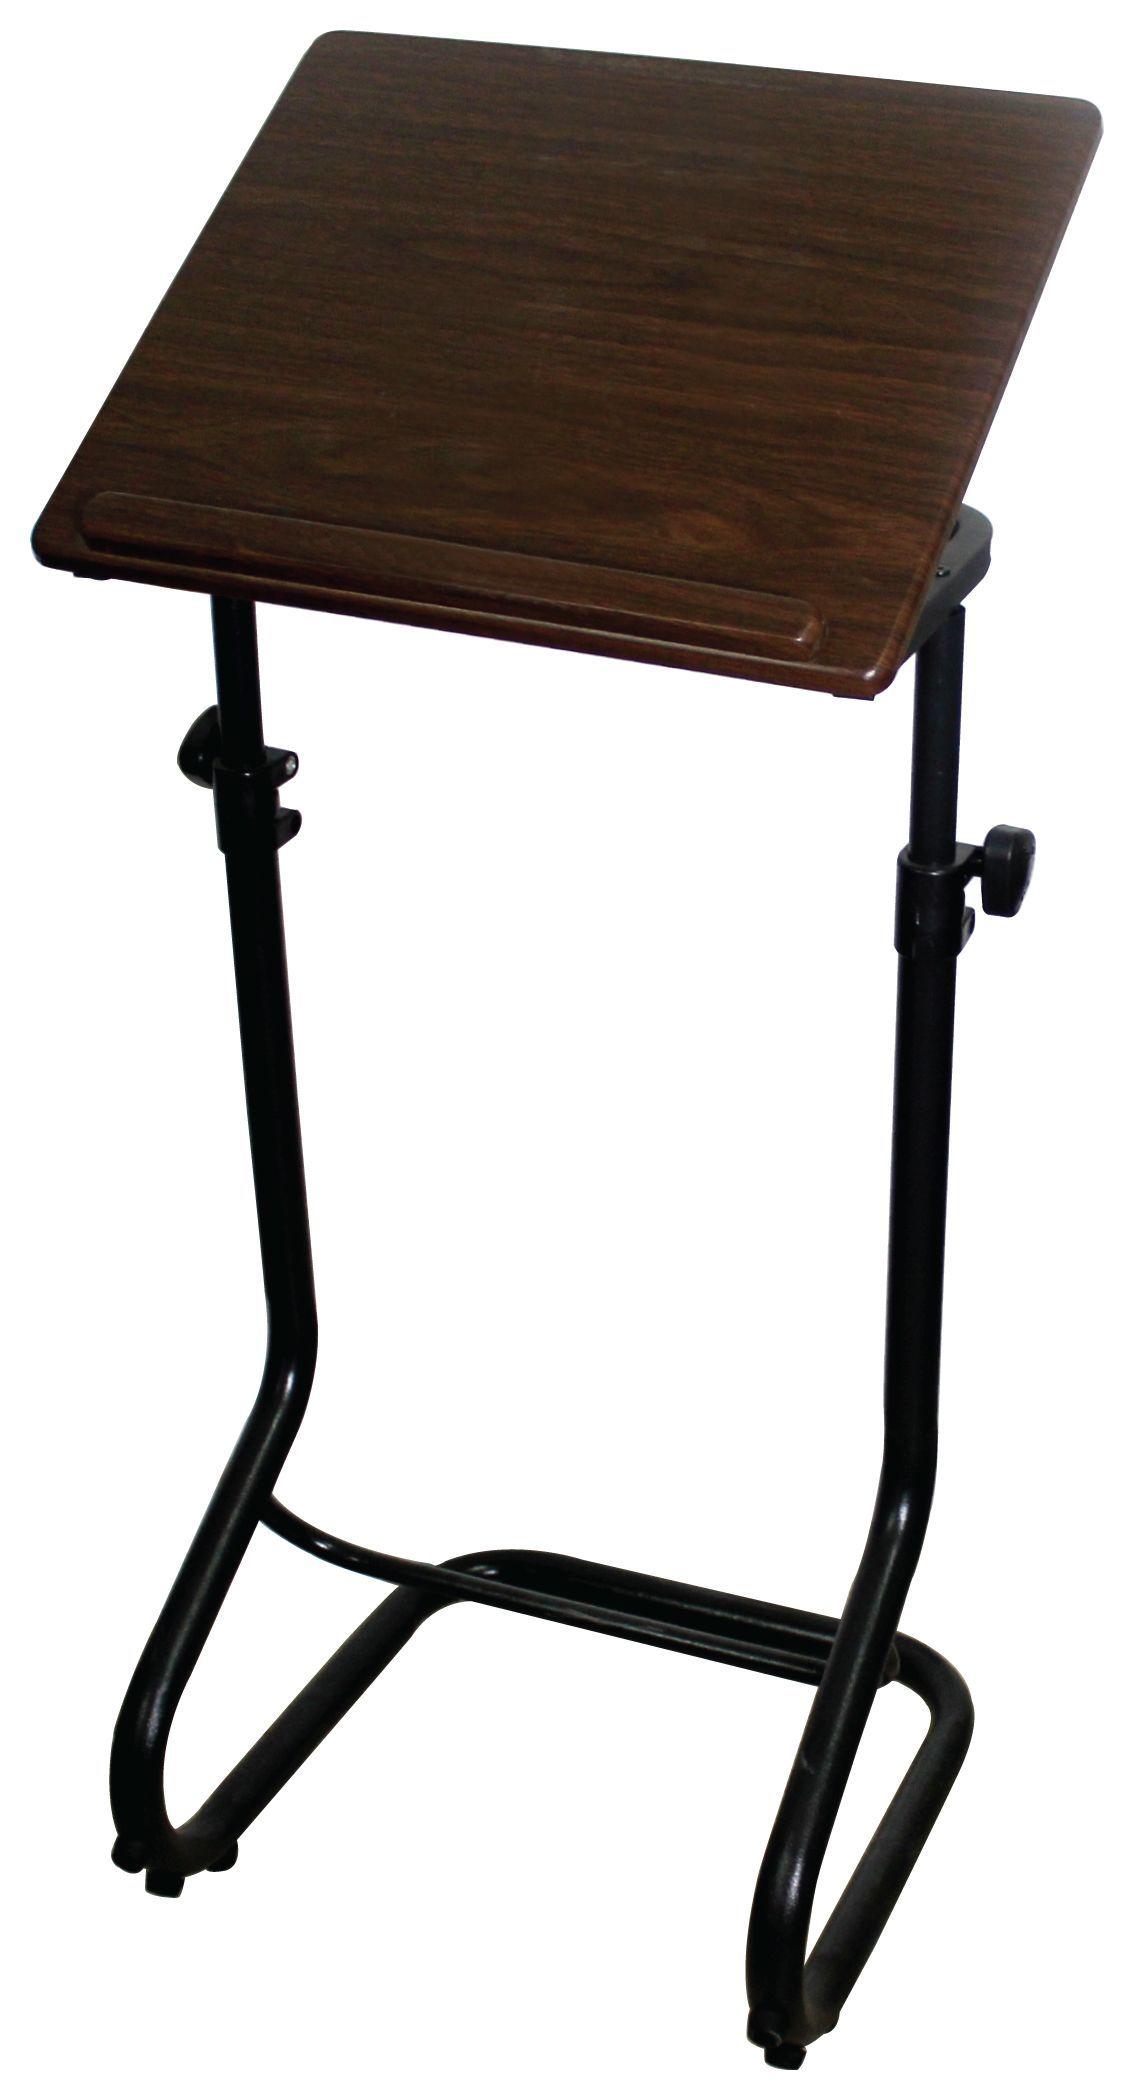 Стационарный стендер для синагоги - деревянный с металлическими ножками